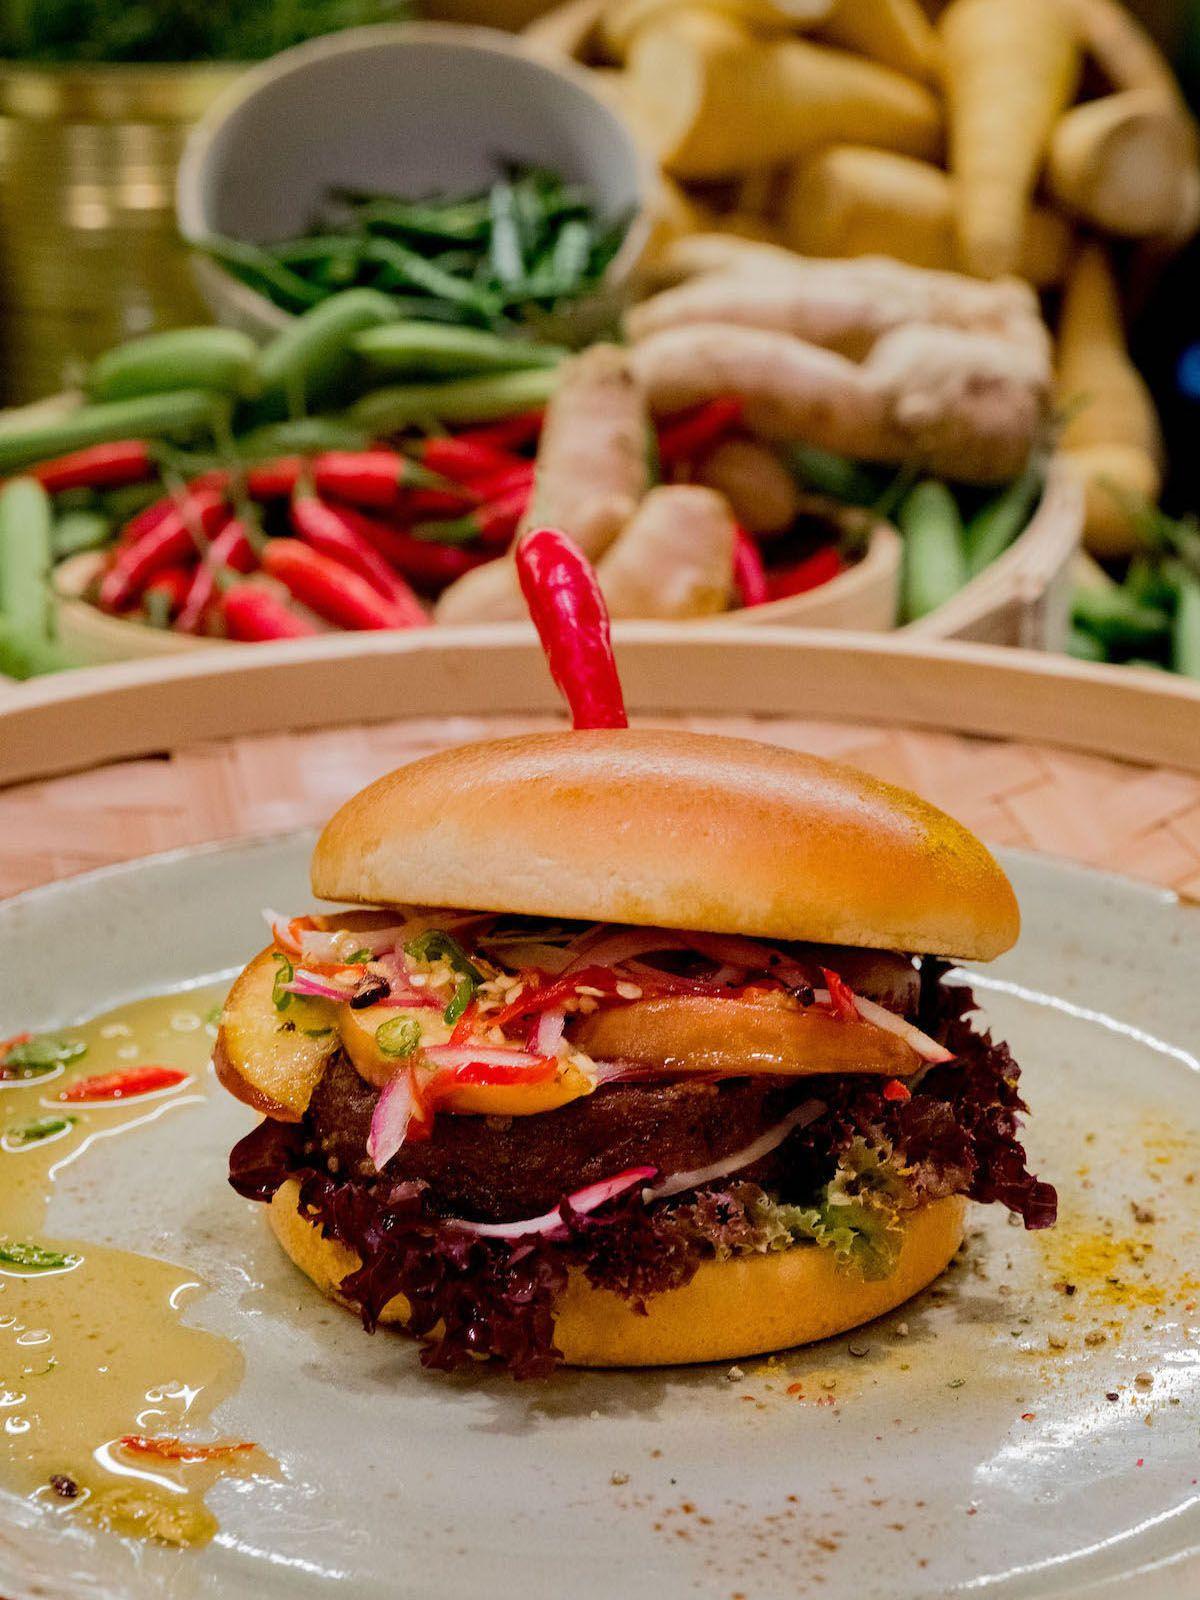 Foodblog, About Fuel, Leckerbissen, Scandic Hotel Frankfurt, Burger, Pfirsich, Chili_1